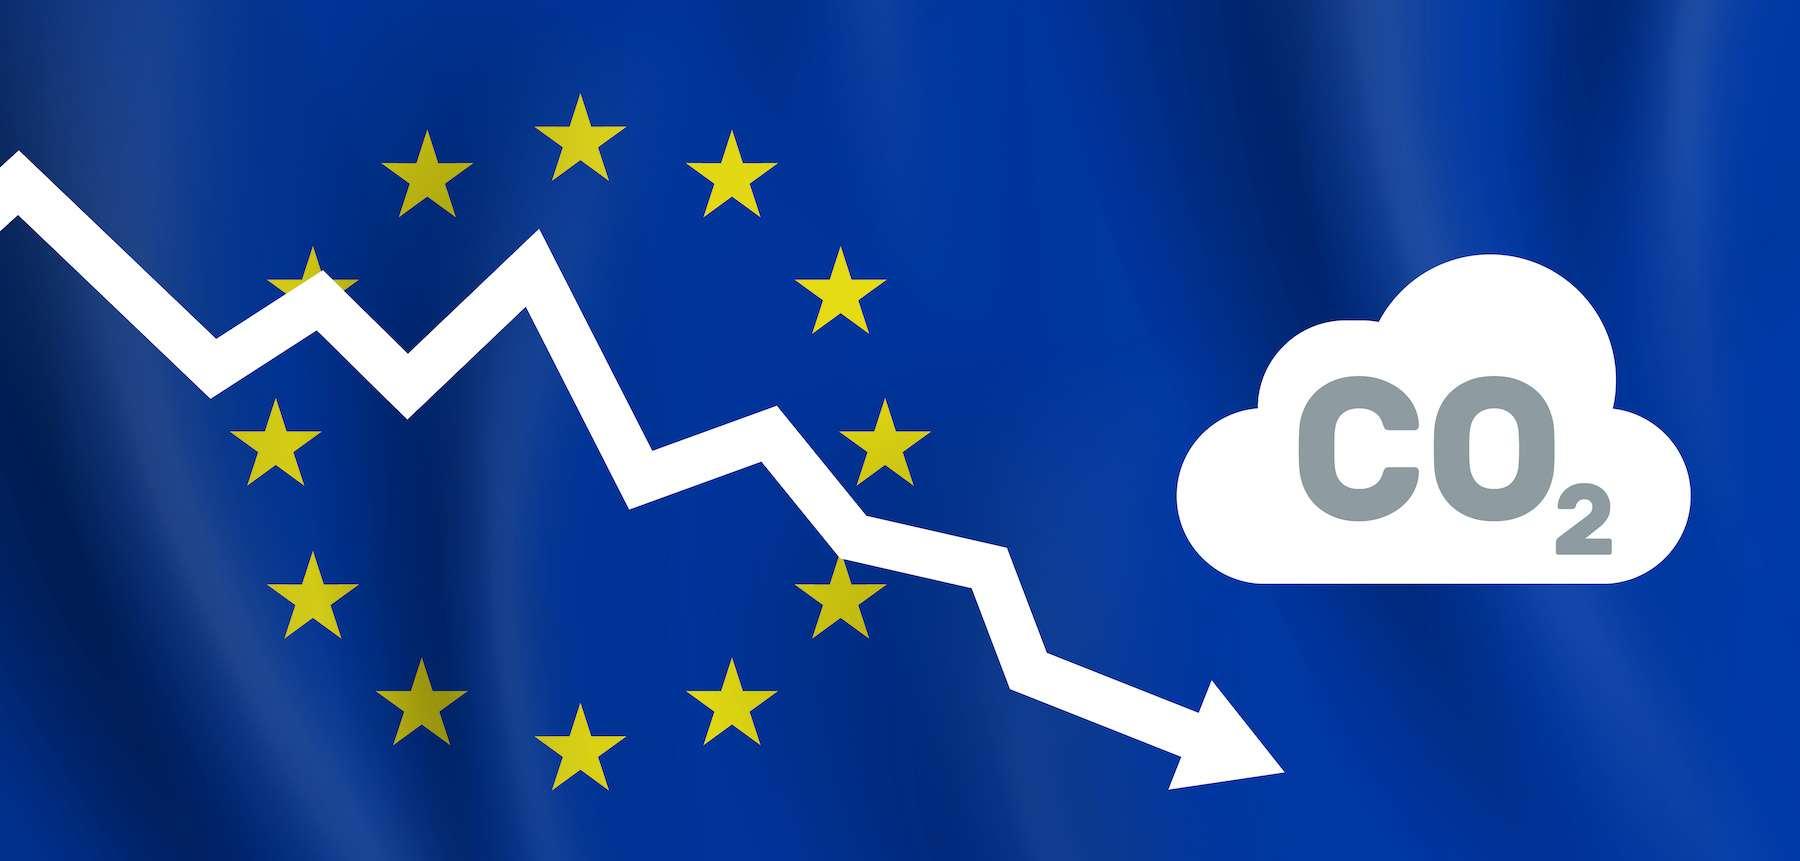 La réduction de 55 % des émissions de gaz à effet de serre en Europe ne serait atteinte qu'en 2051. © tarikdiz, Adobe Stock